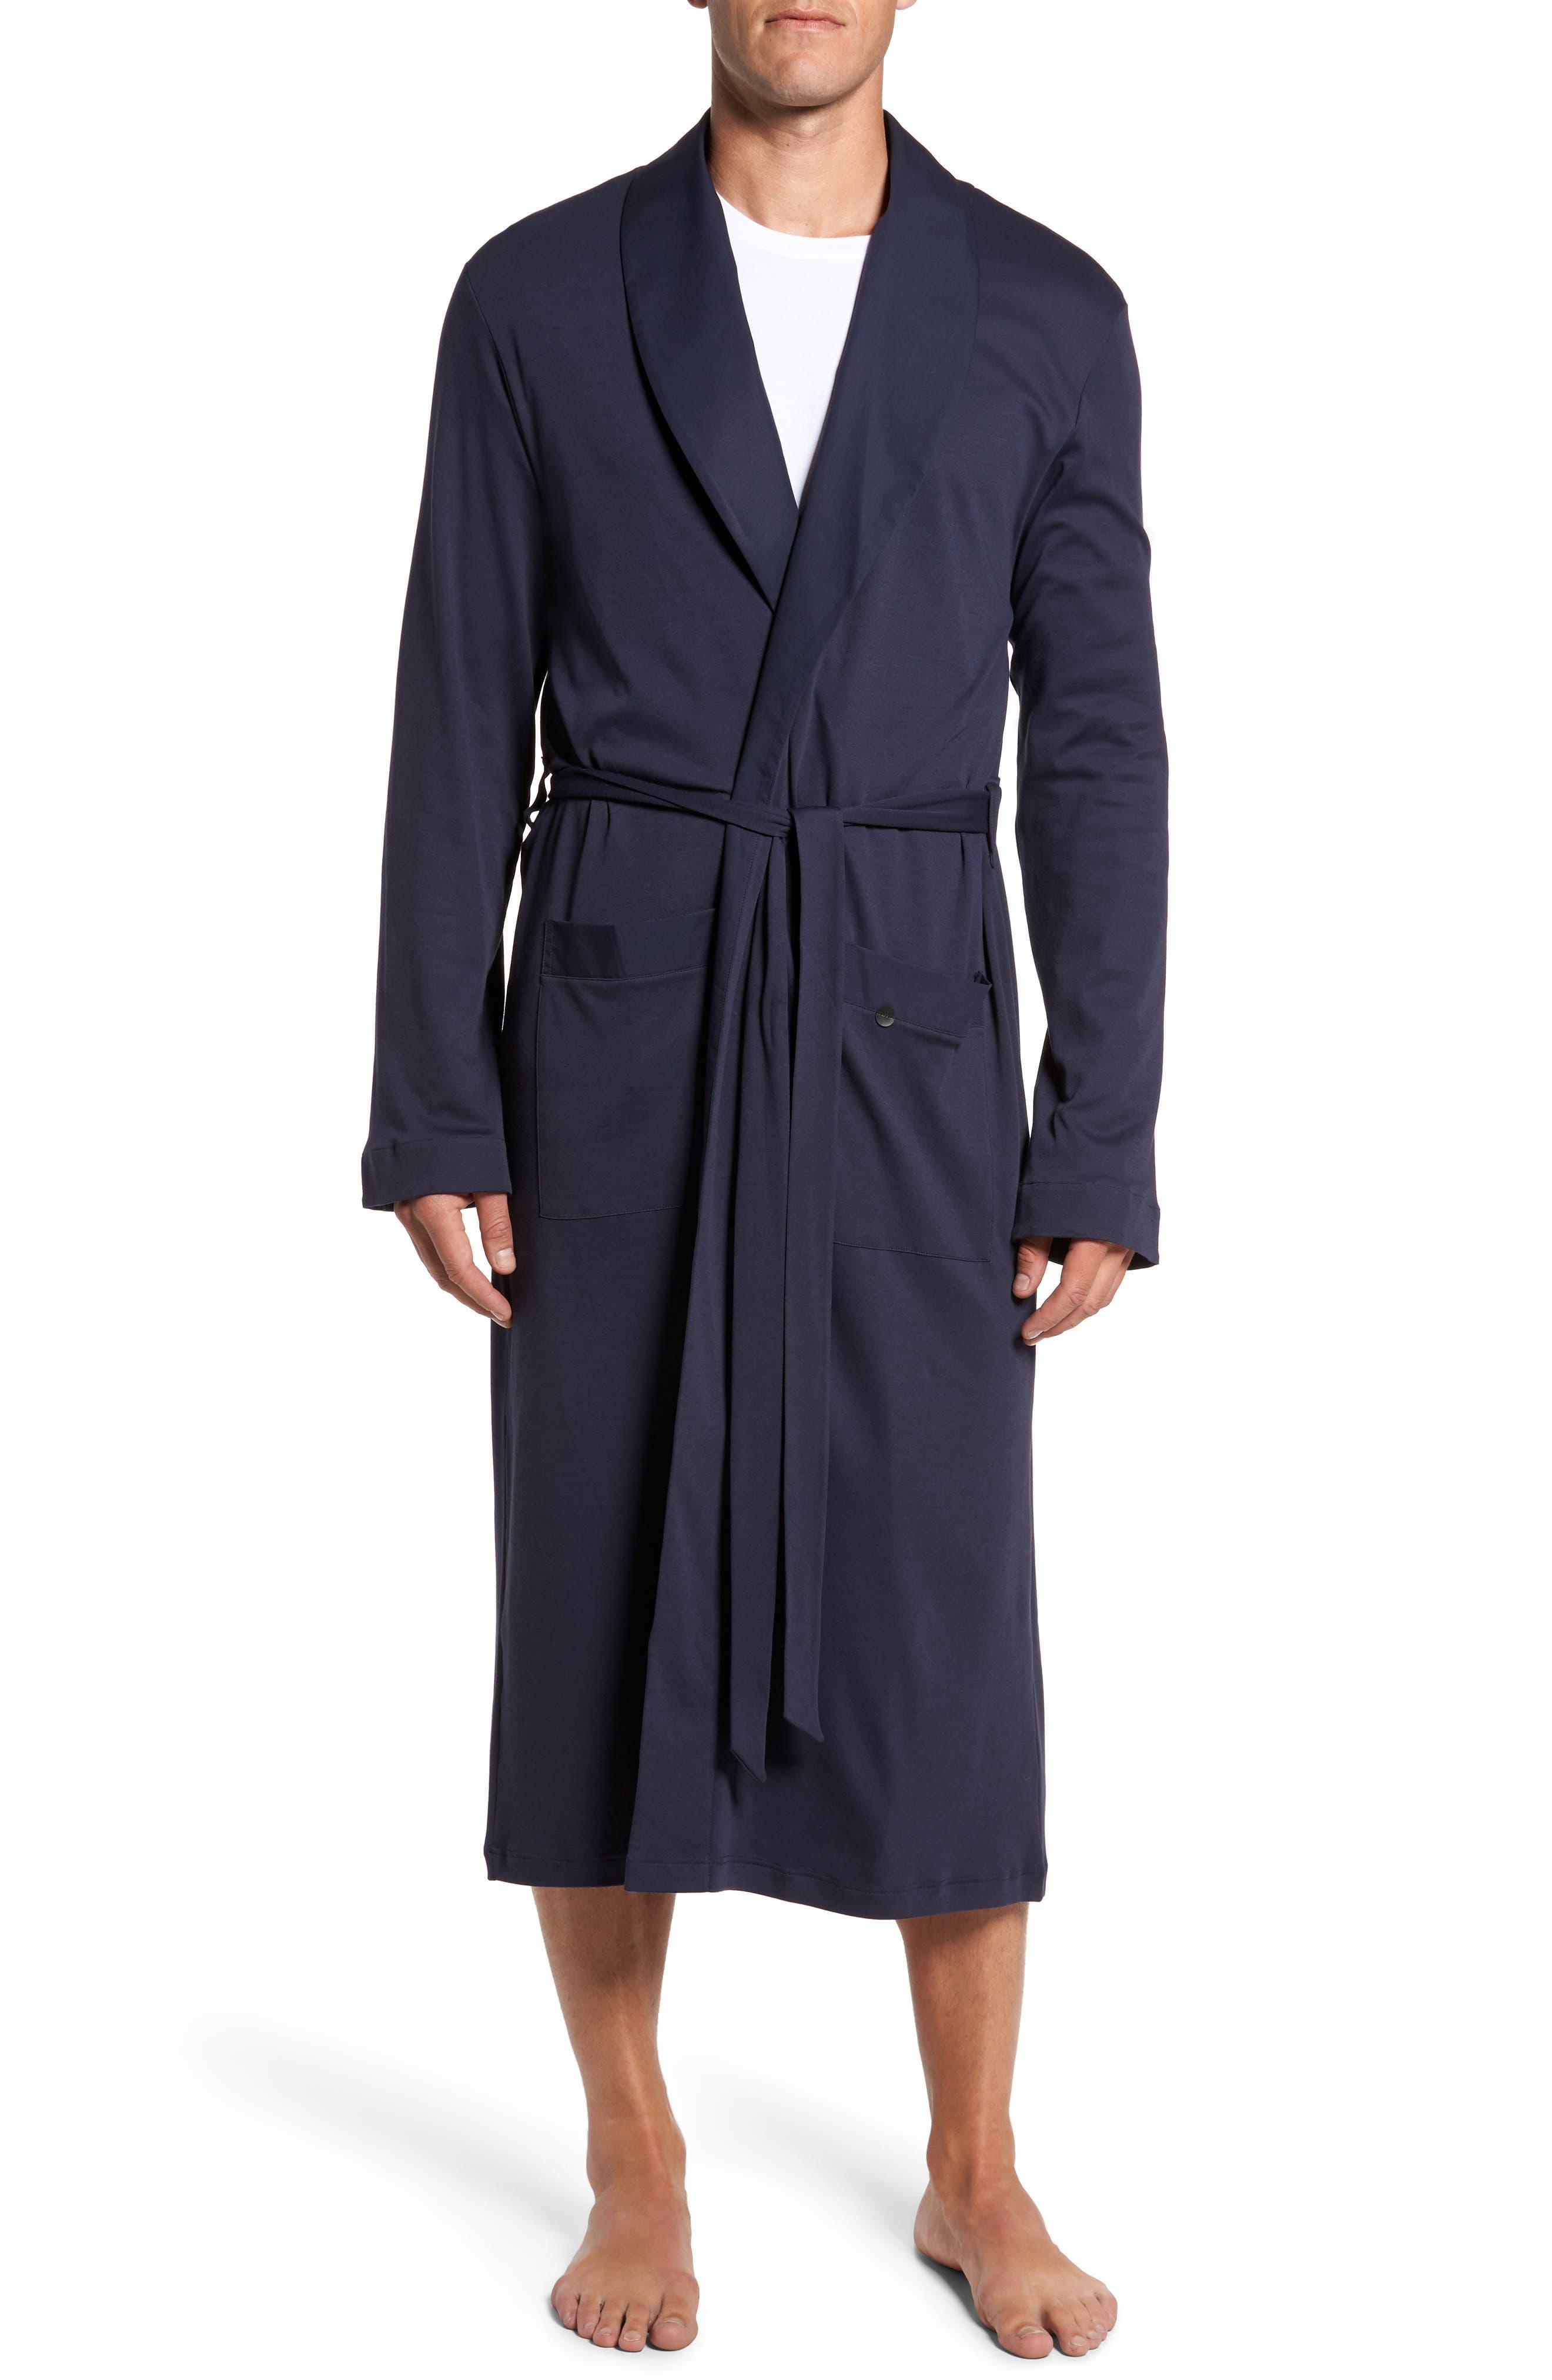 Night & Day Knit Robe,                             Main thumbnail 1, color,                             009